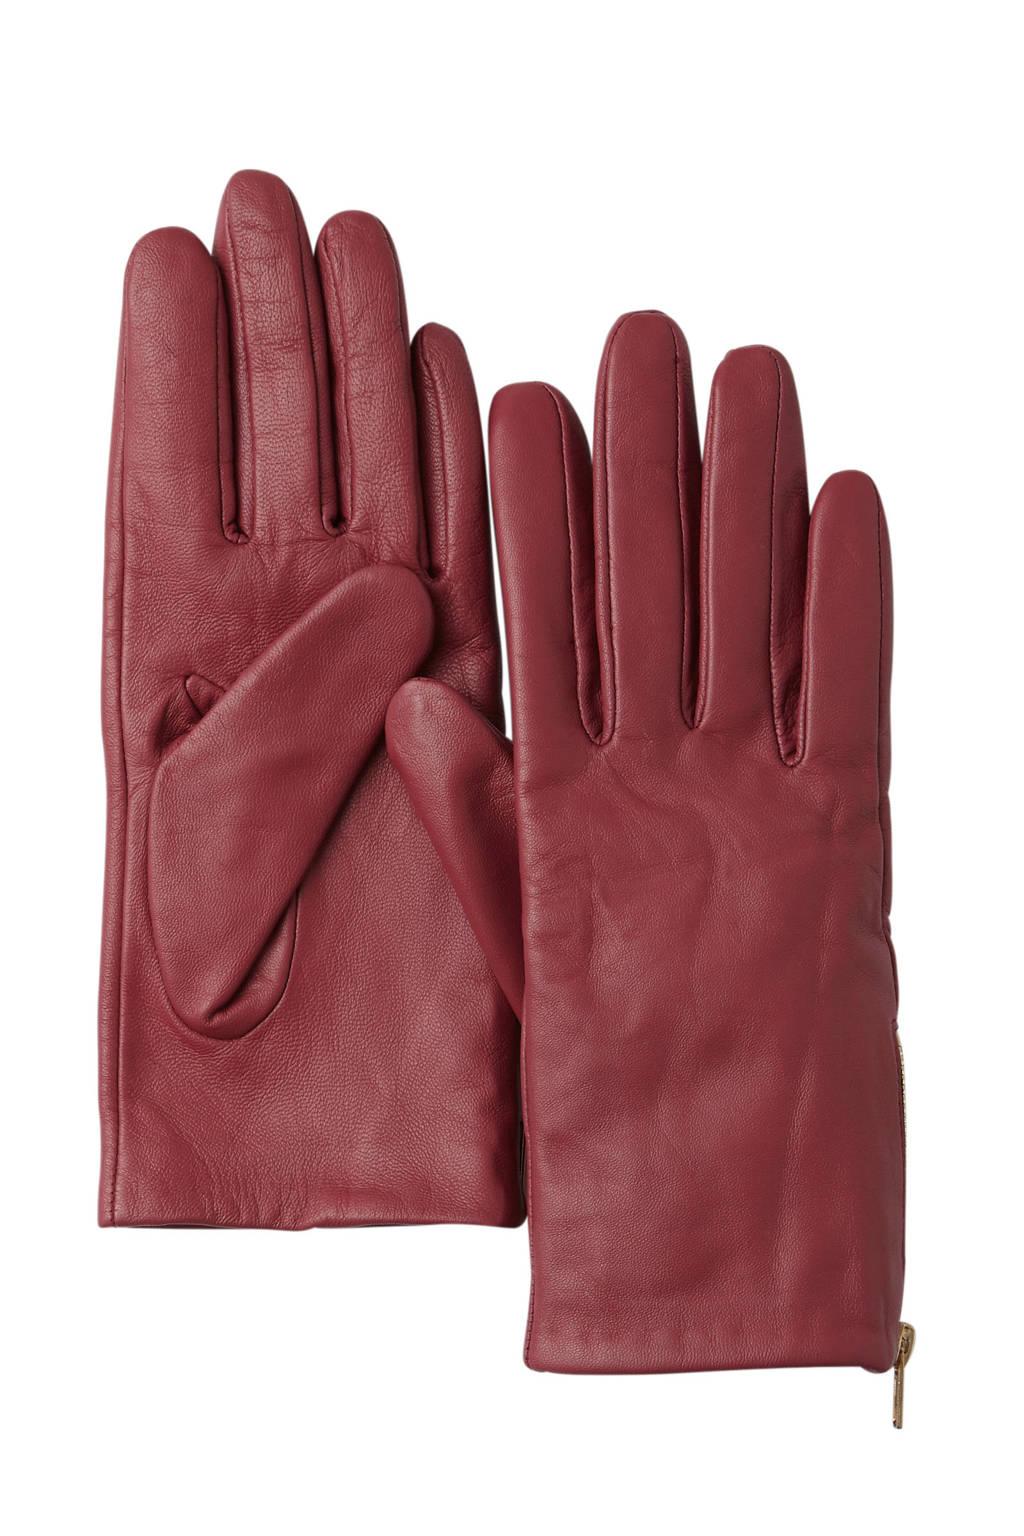 SELECTED FEMME leren handschoenen, Rood/goud